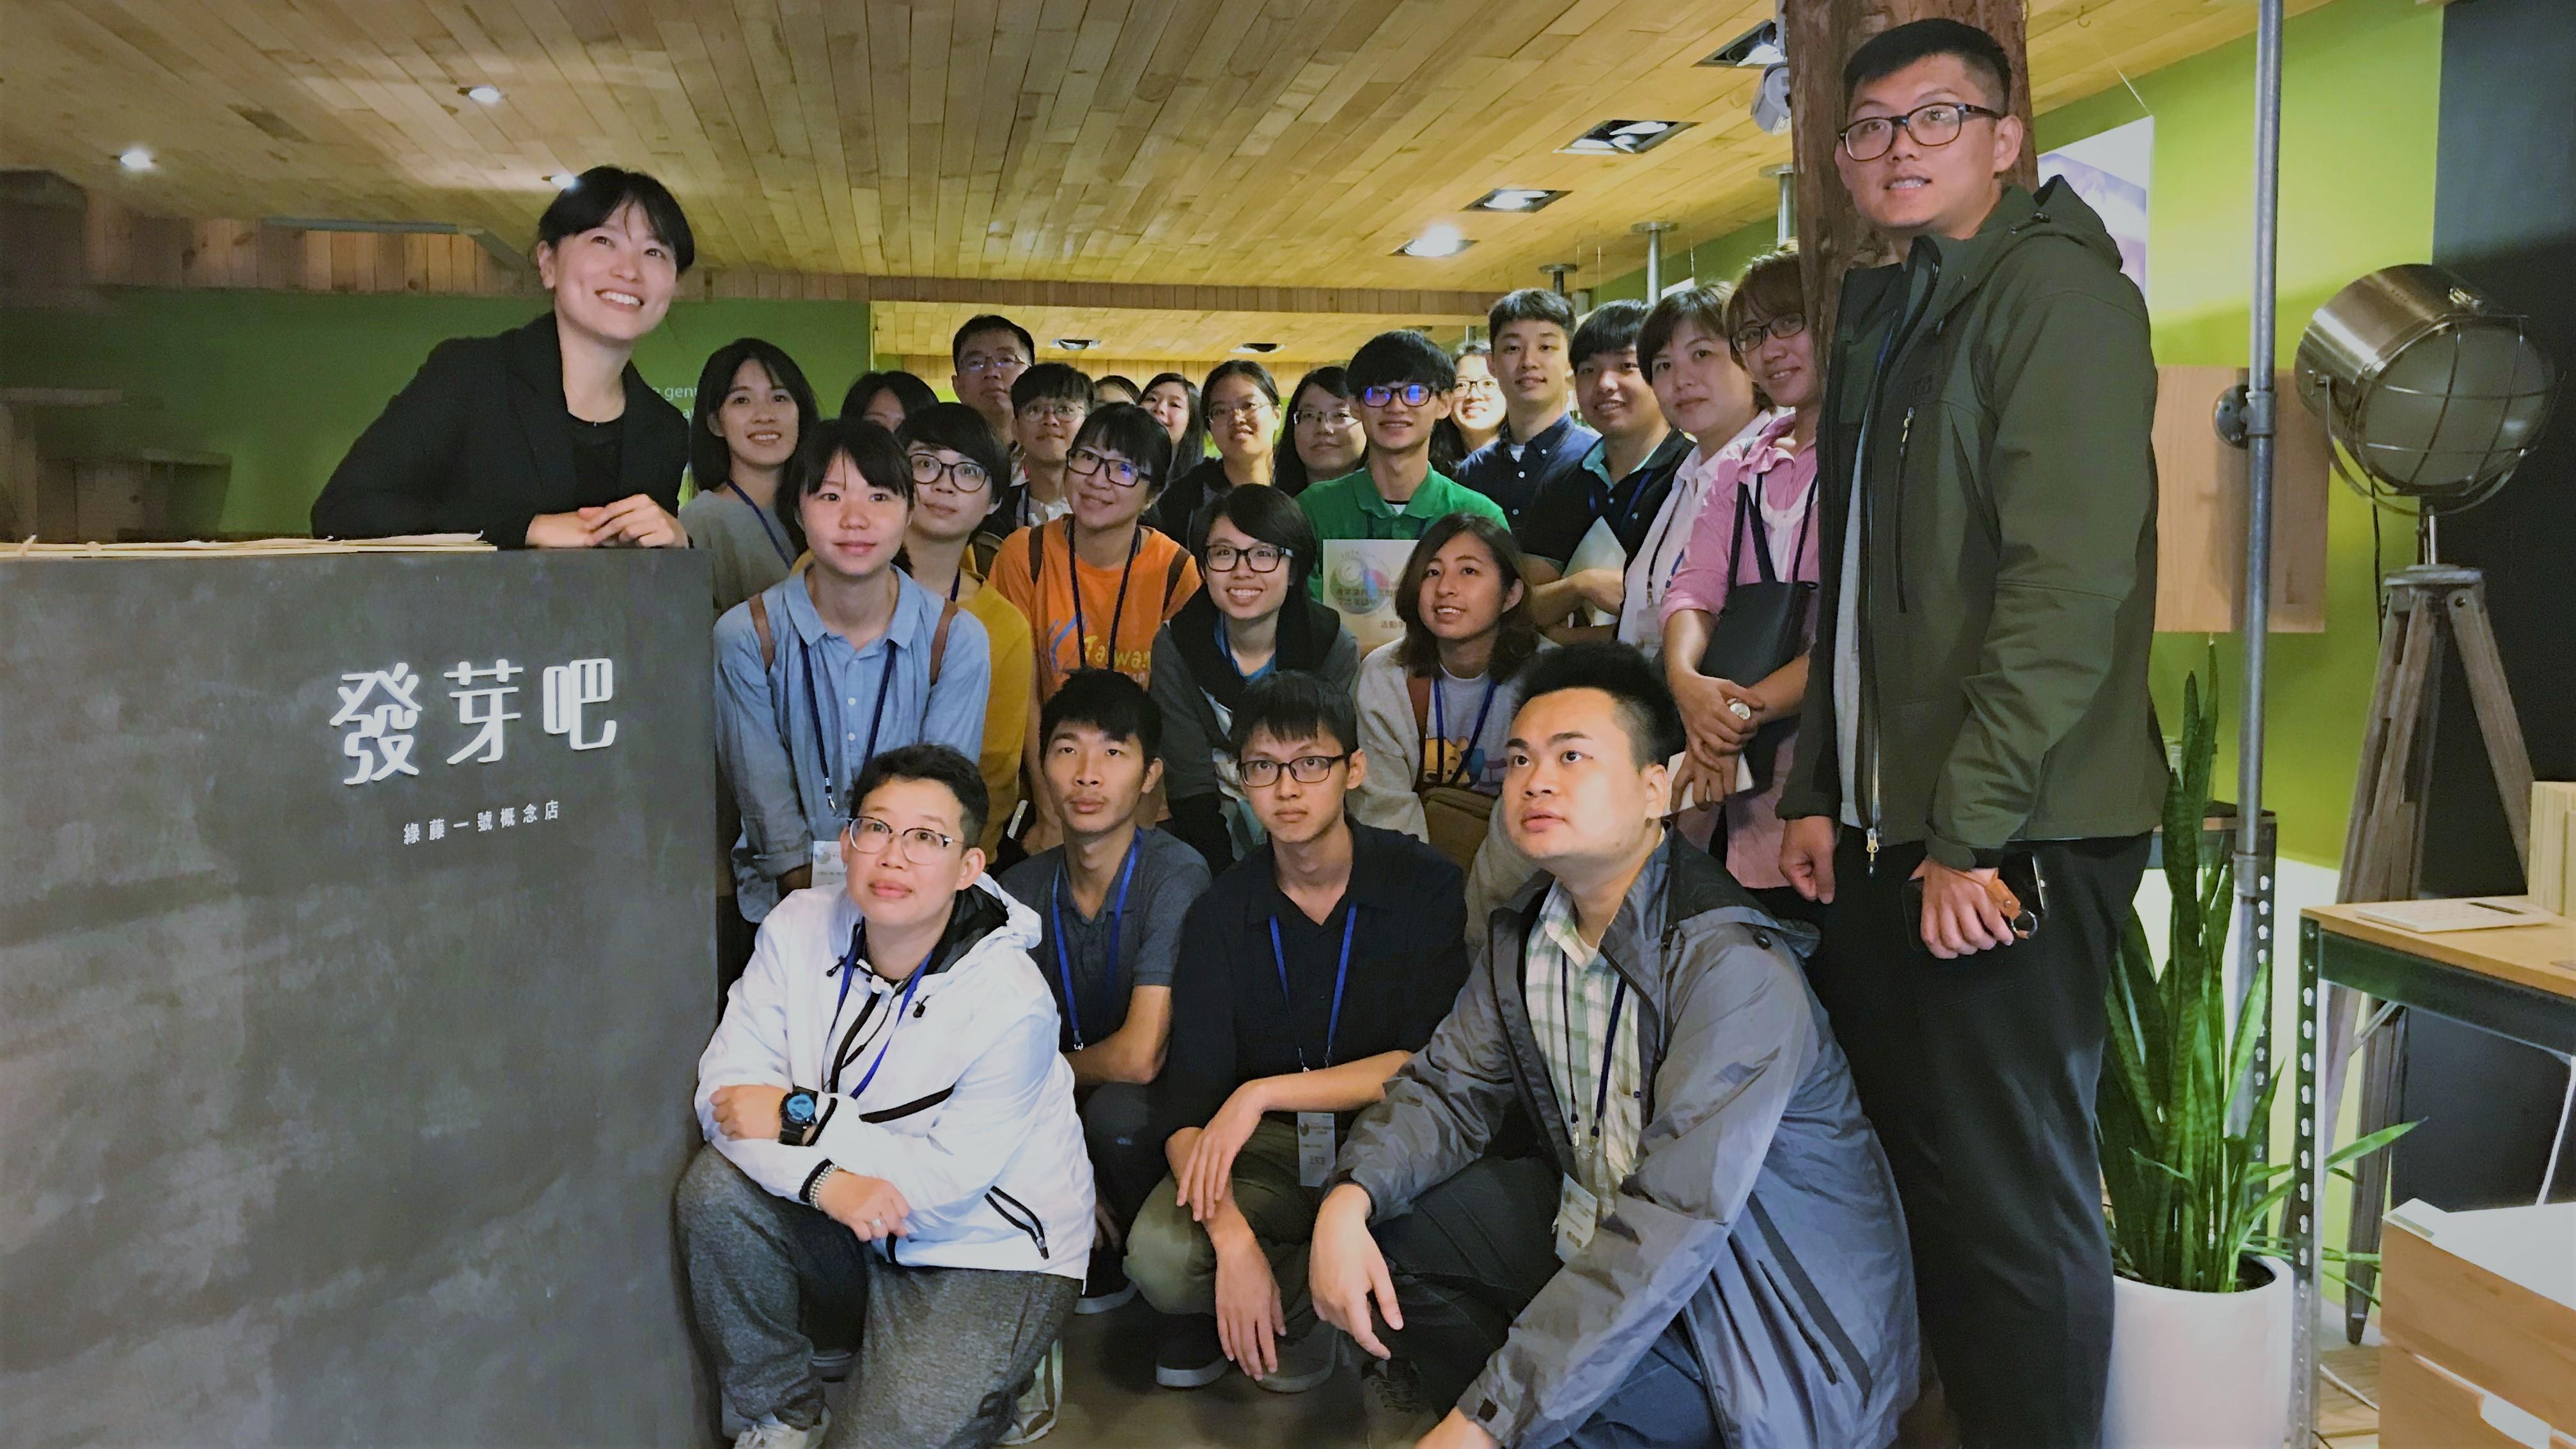 (圖一)學員們參訪完『綠藤生機-發芽吧』後進行合照留念